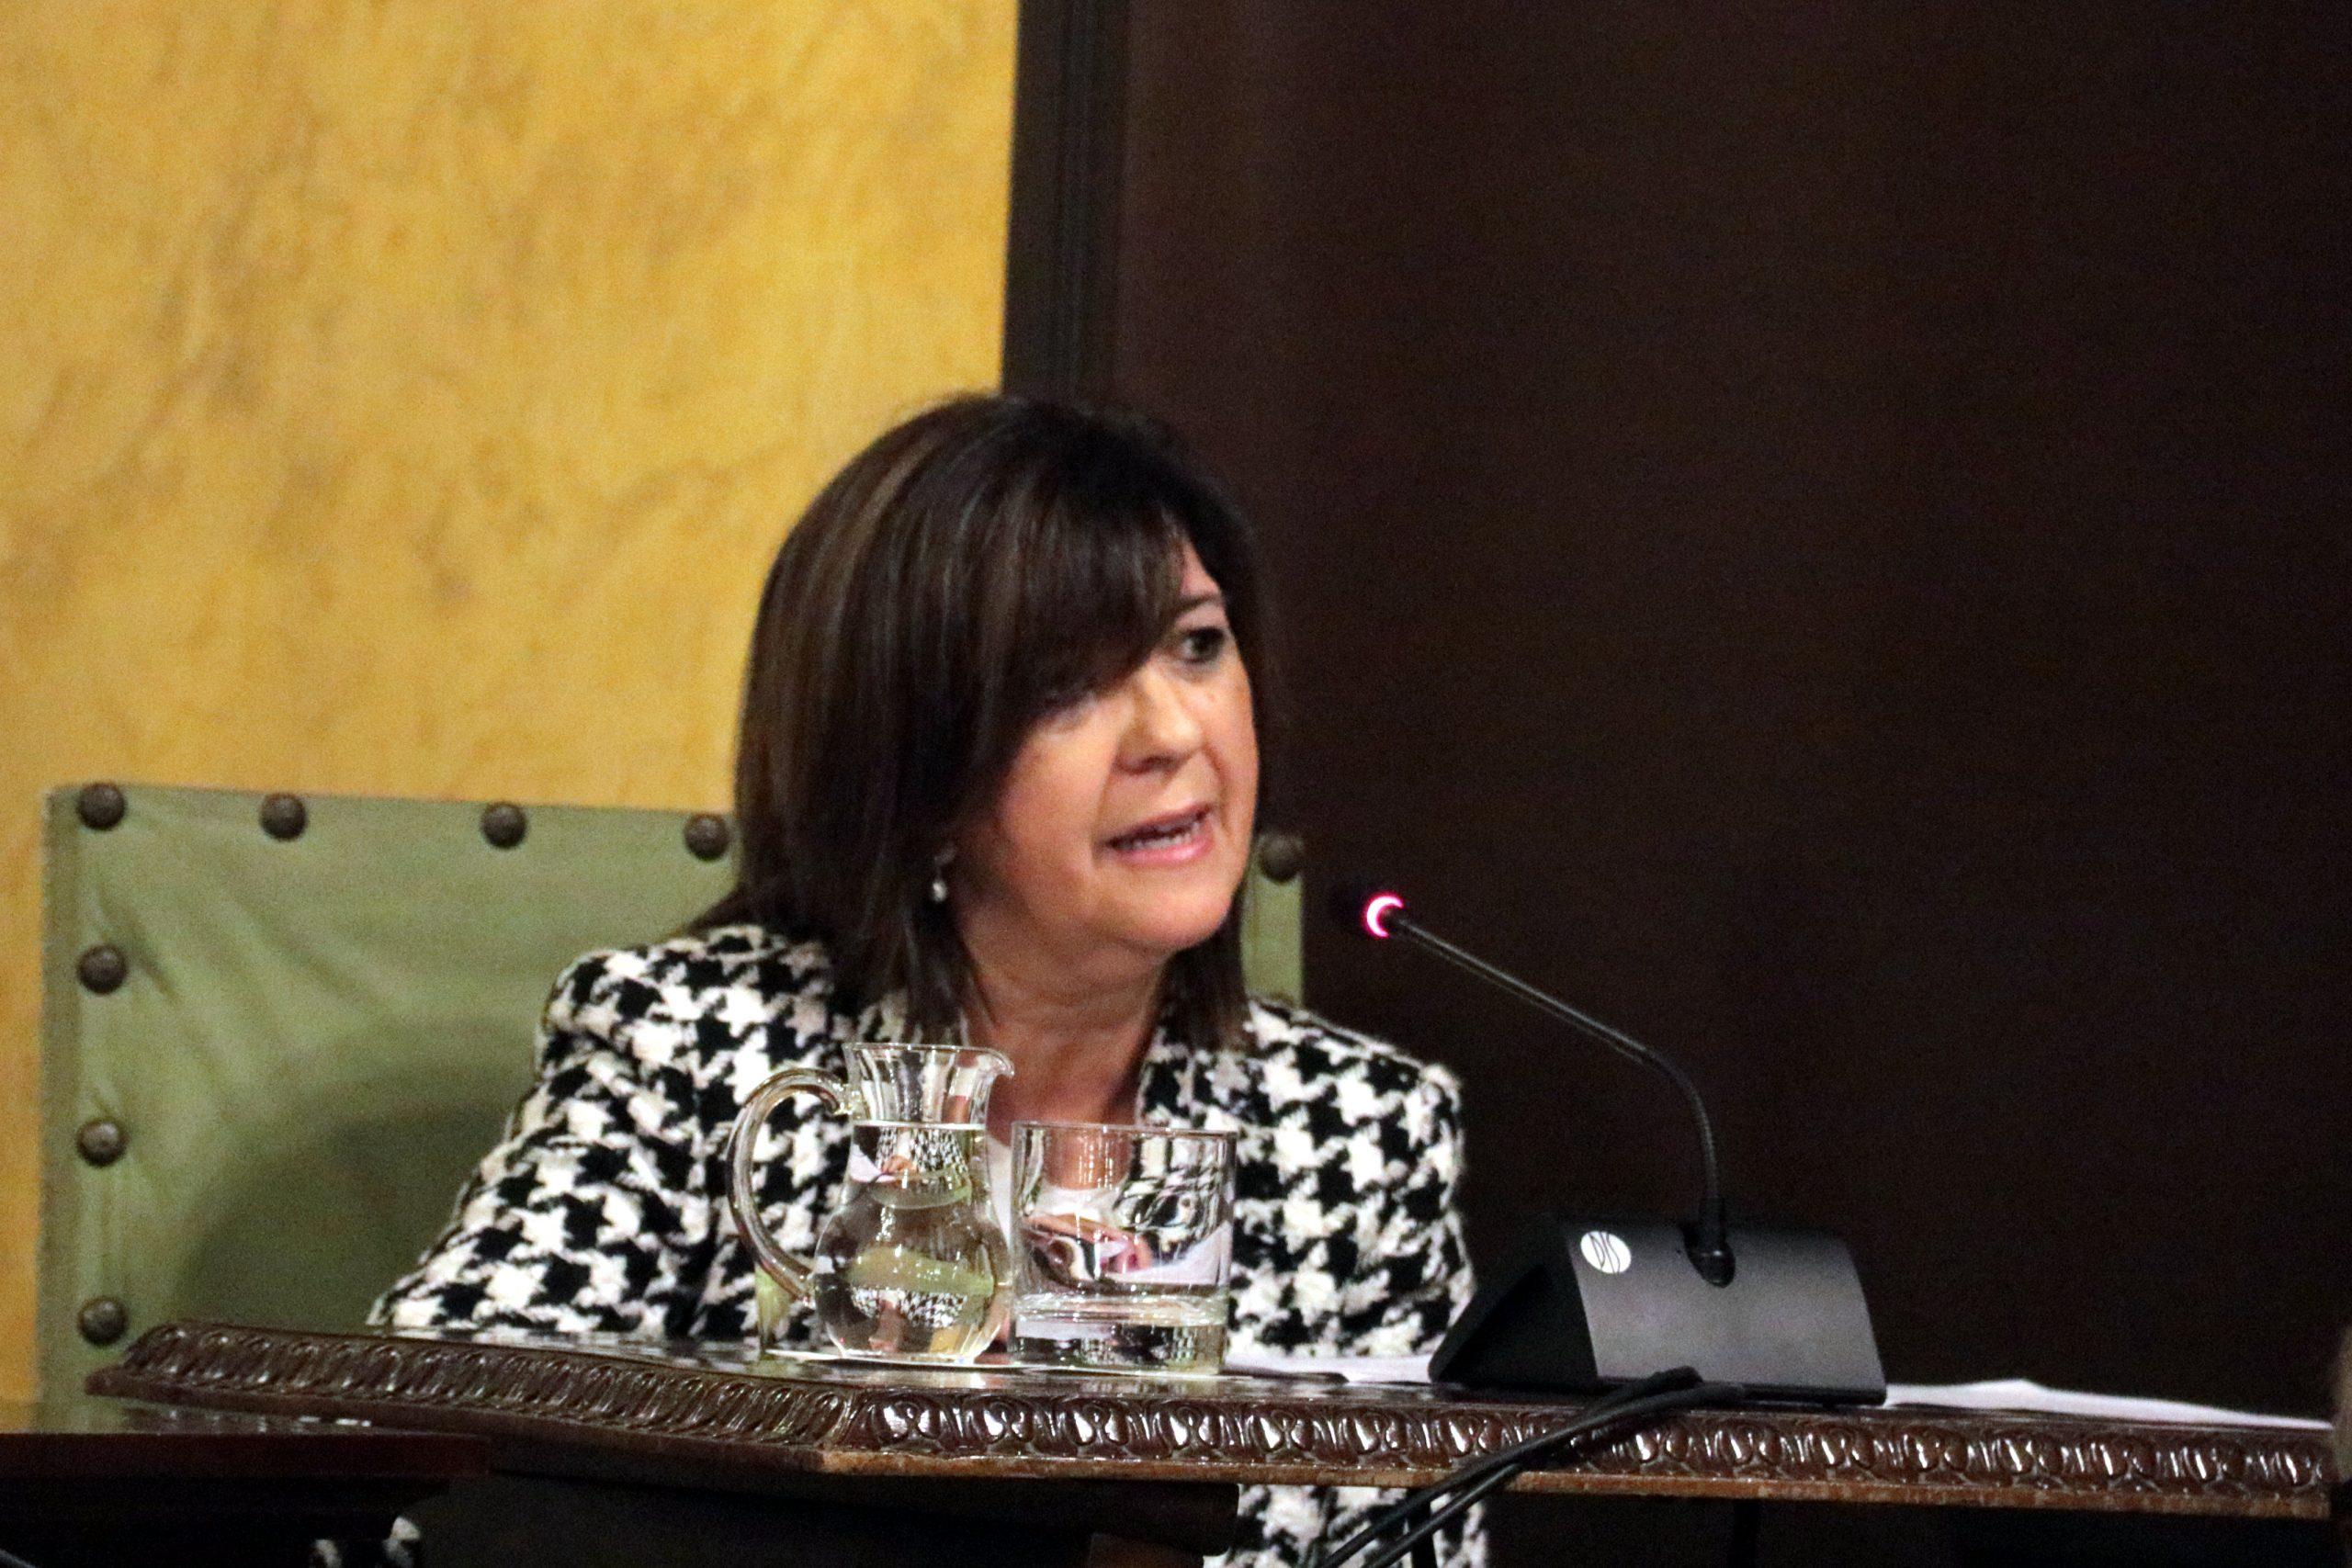 Pla mitjà de la síndica municipal de greuges de Lleida, Dora Padial, intervé durant la seva presa de possessió a l'Ajuntament de Lleida. (Horitzontal)